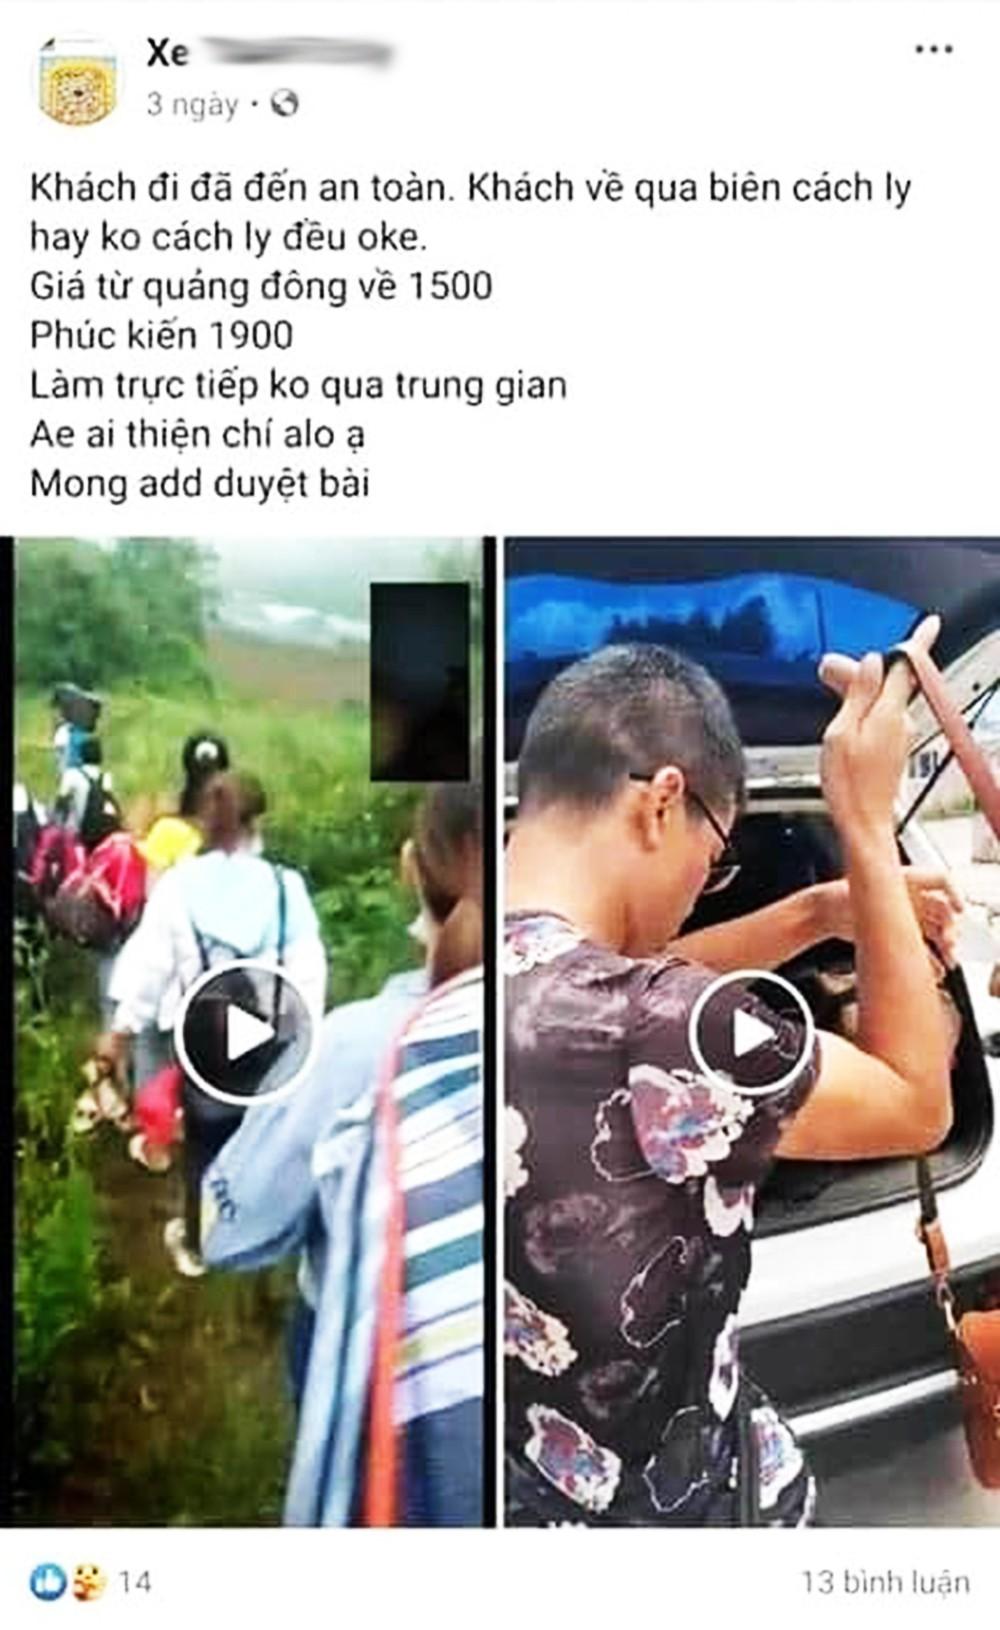 Giật mình với những quảng cáo đưa người qua biên giới Việt - Trung trốn cách ly trên mạng xã hội - ảnh 5